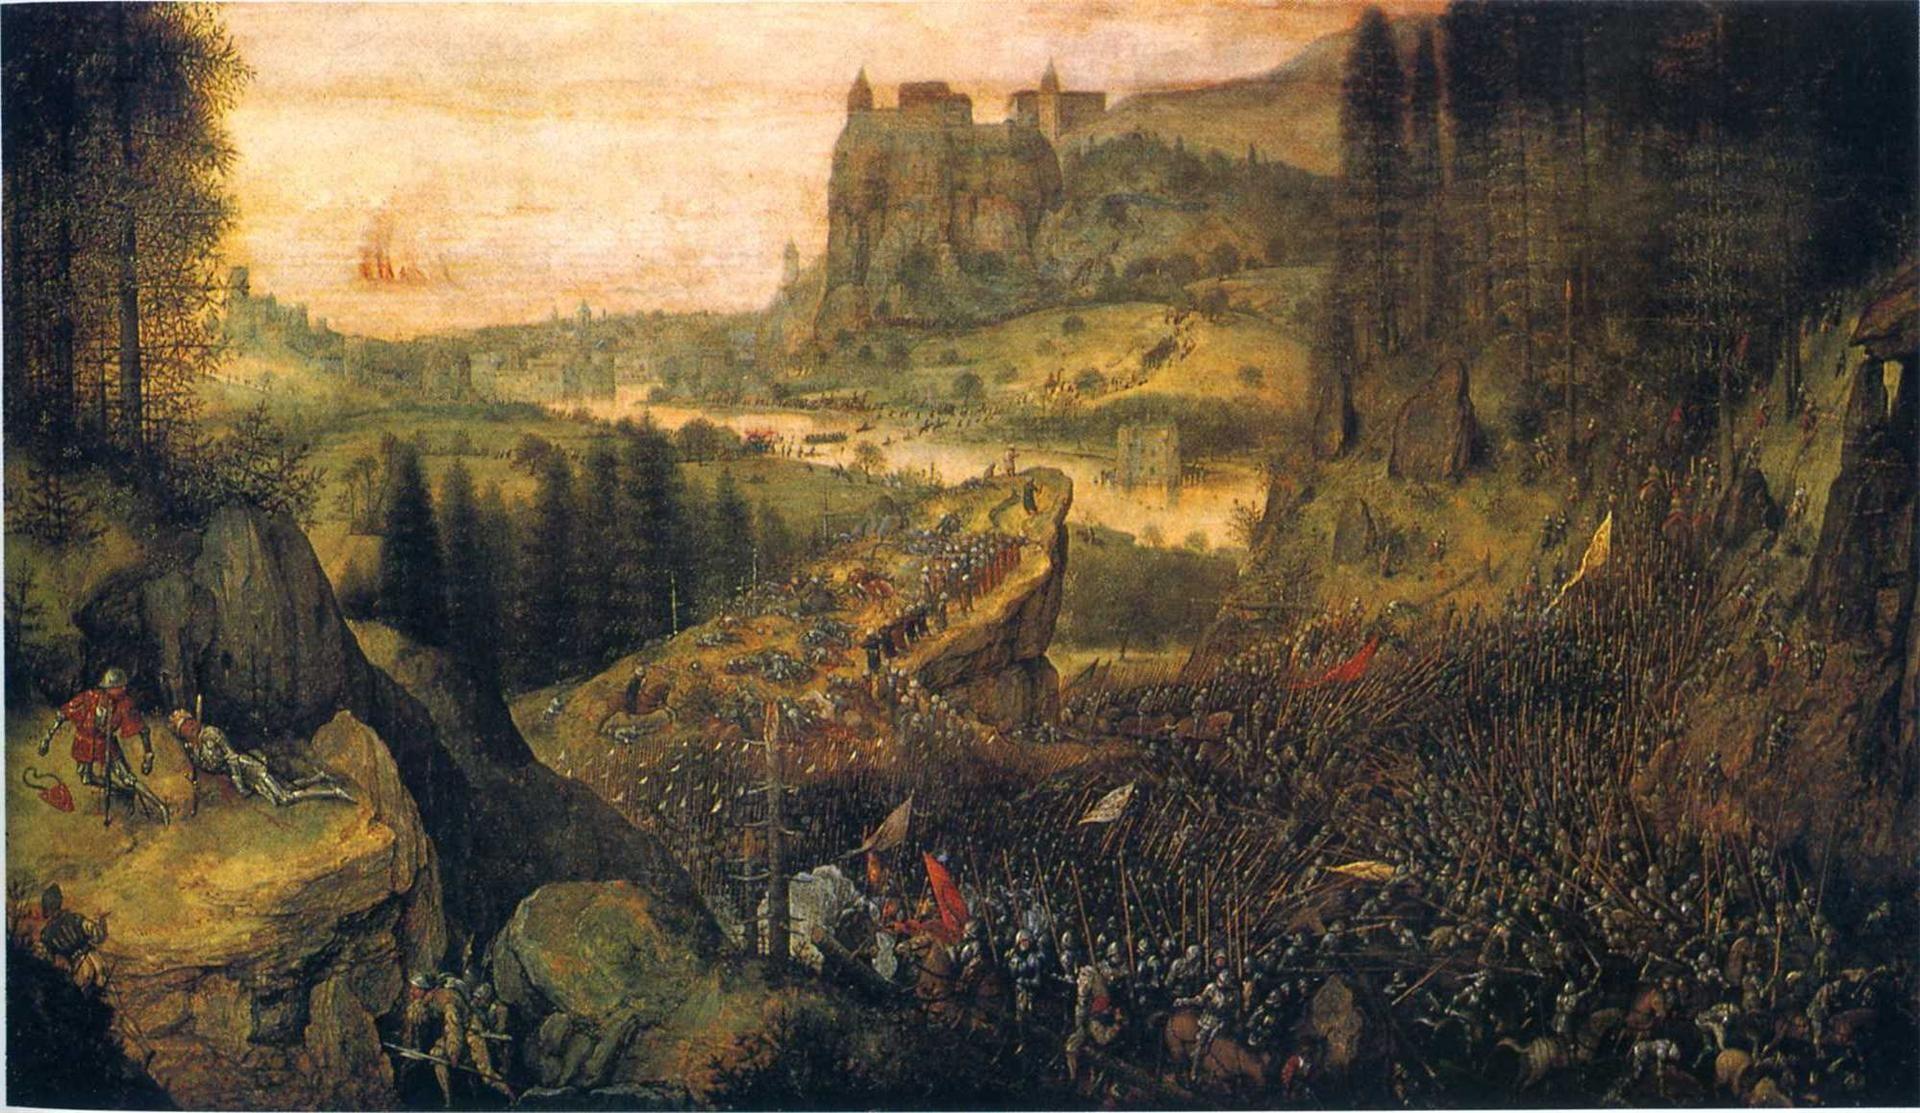 The Suicide of Saul - Pieter Bruegel the Elder